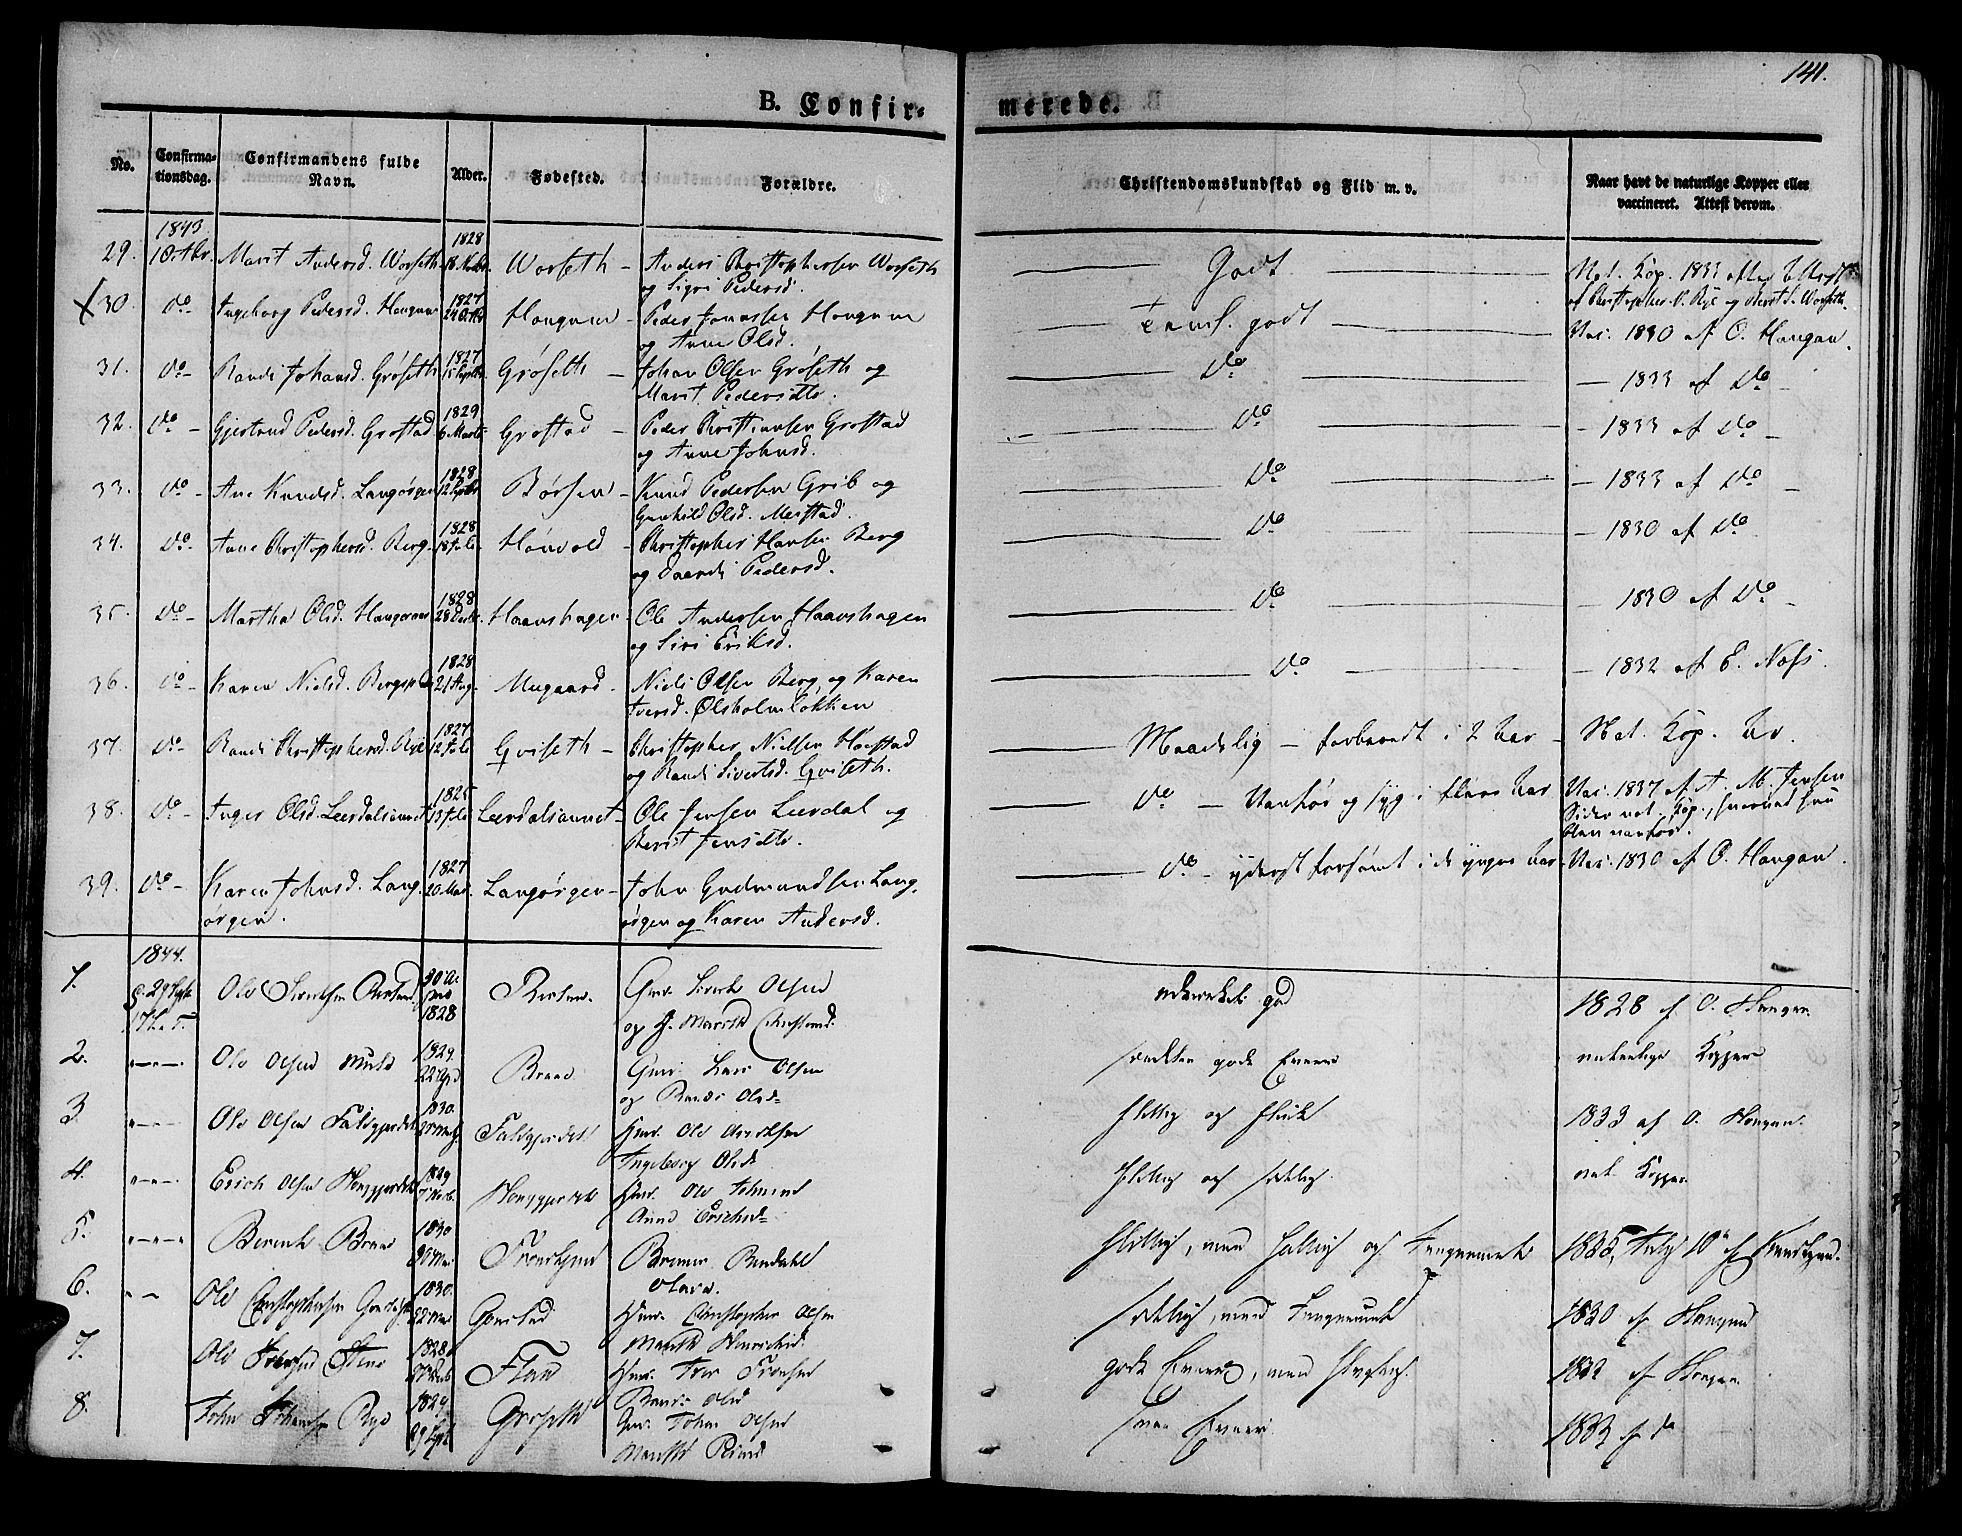 SAT, Ministerialprotokoller, klokkerbøker og fødselsregistre - Sør-Trøndelag, 612/L0374: Ministerialbok nr. 612A07 /1, 1829-1845, s. 141